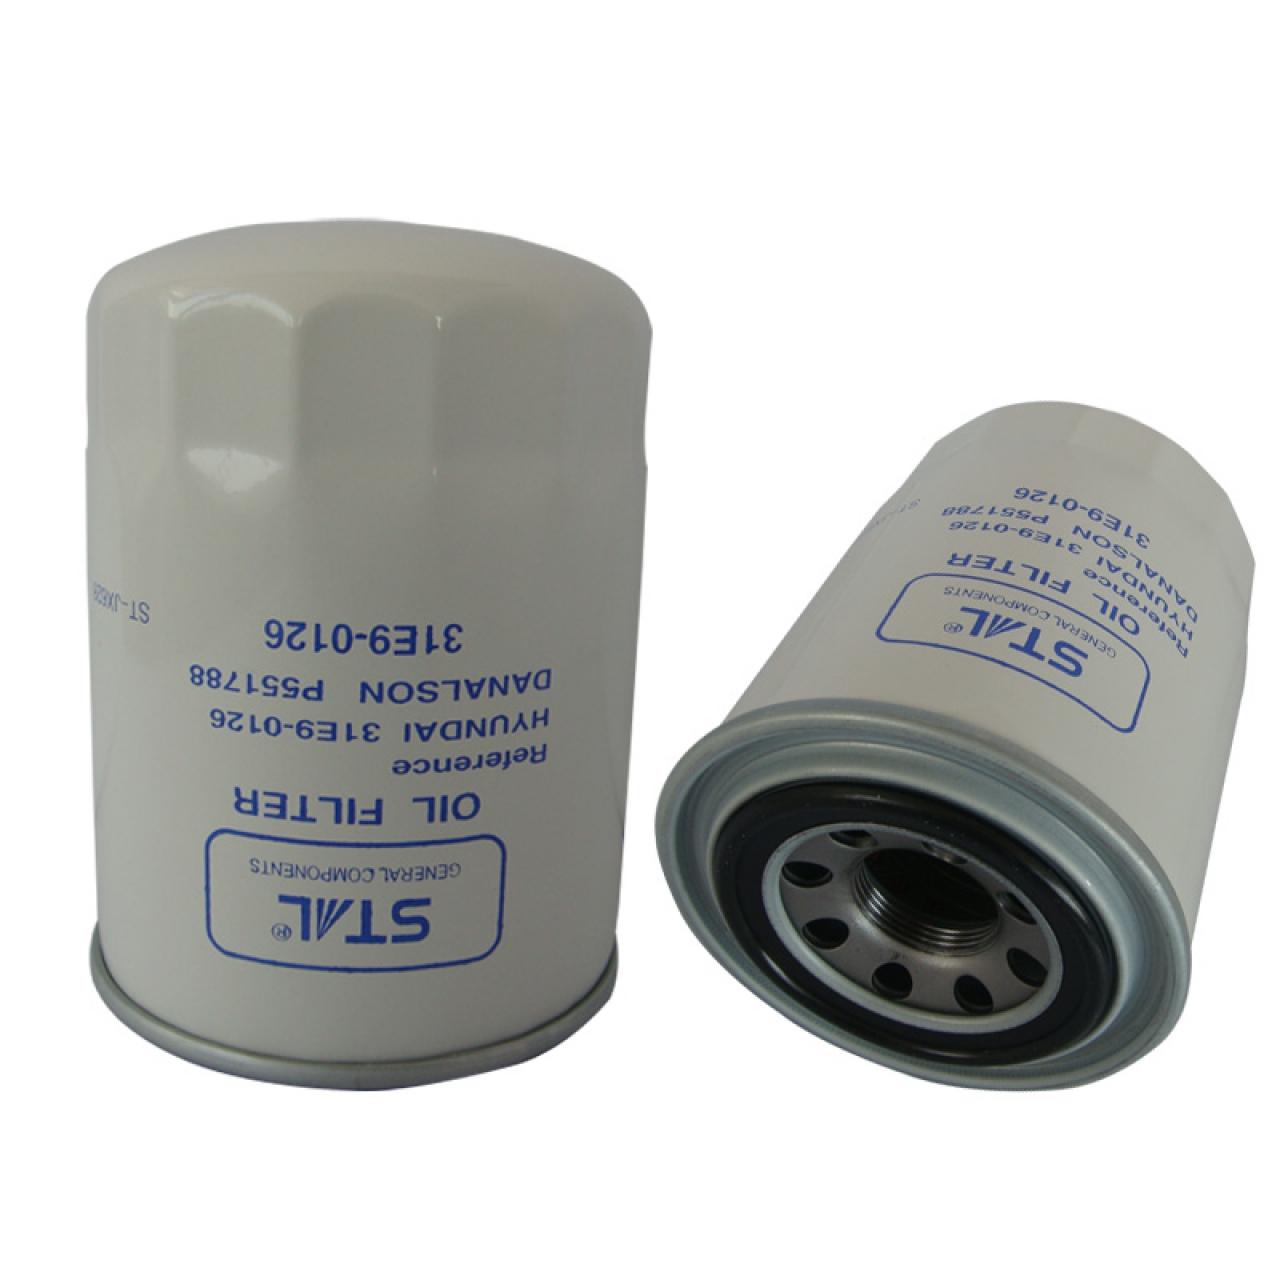 Фильтр гидравлический 31E9-0126 (4363399/HC 7901) для Hyundai